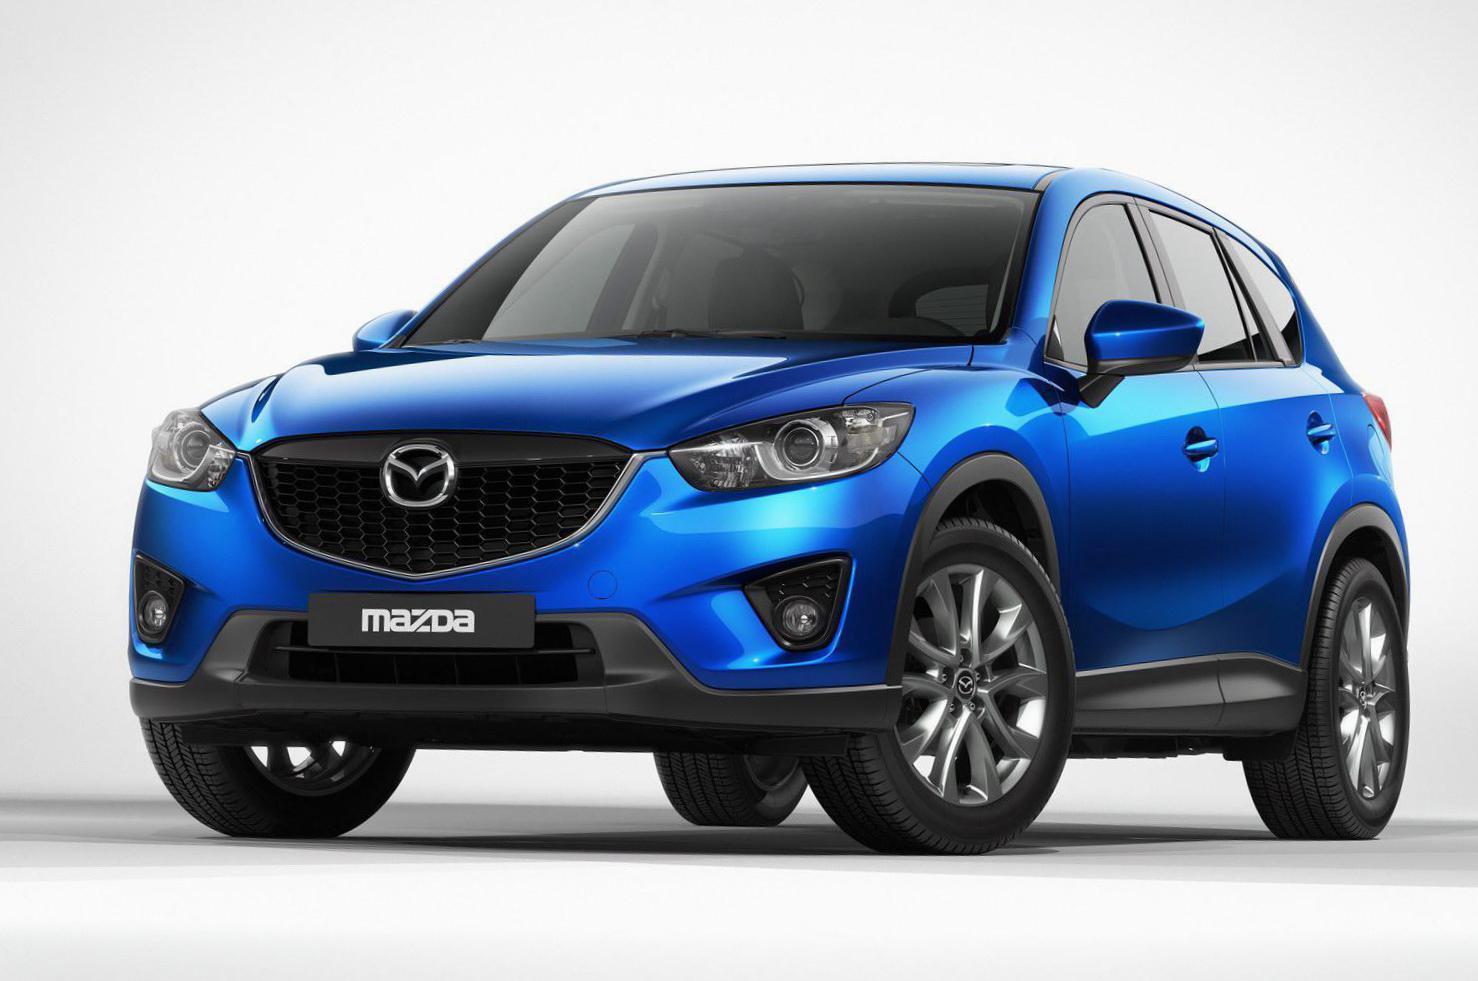 Kelebihan Kekurangan Mazda Cx 5 2010 Tangguh